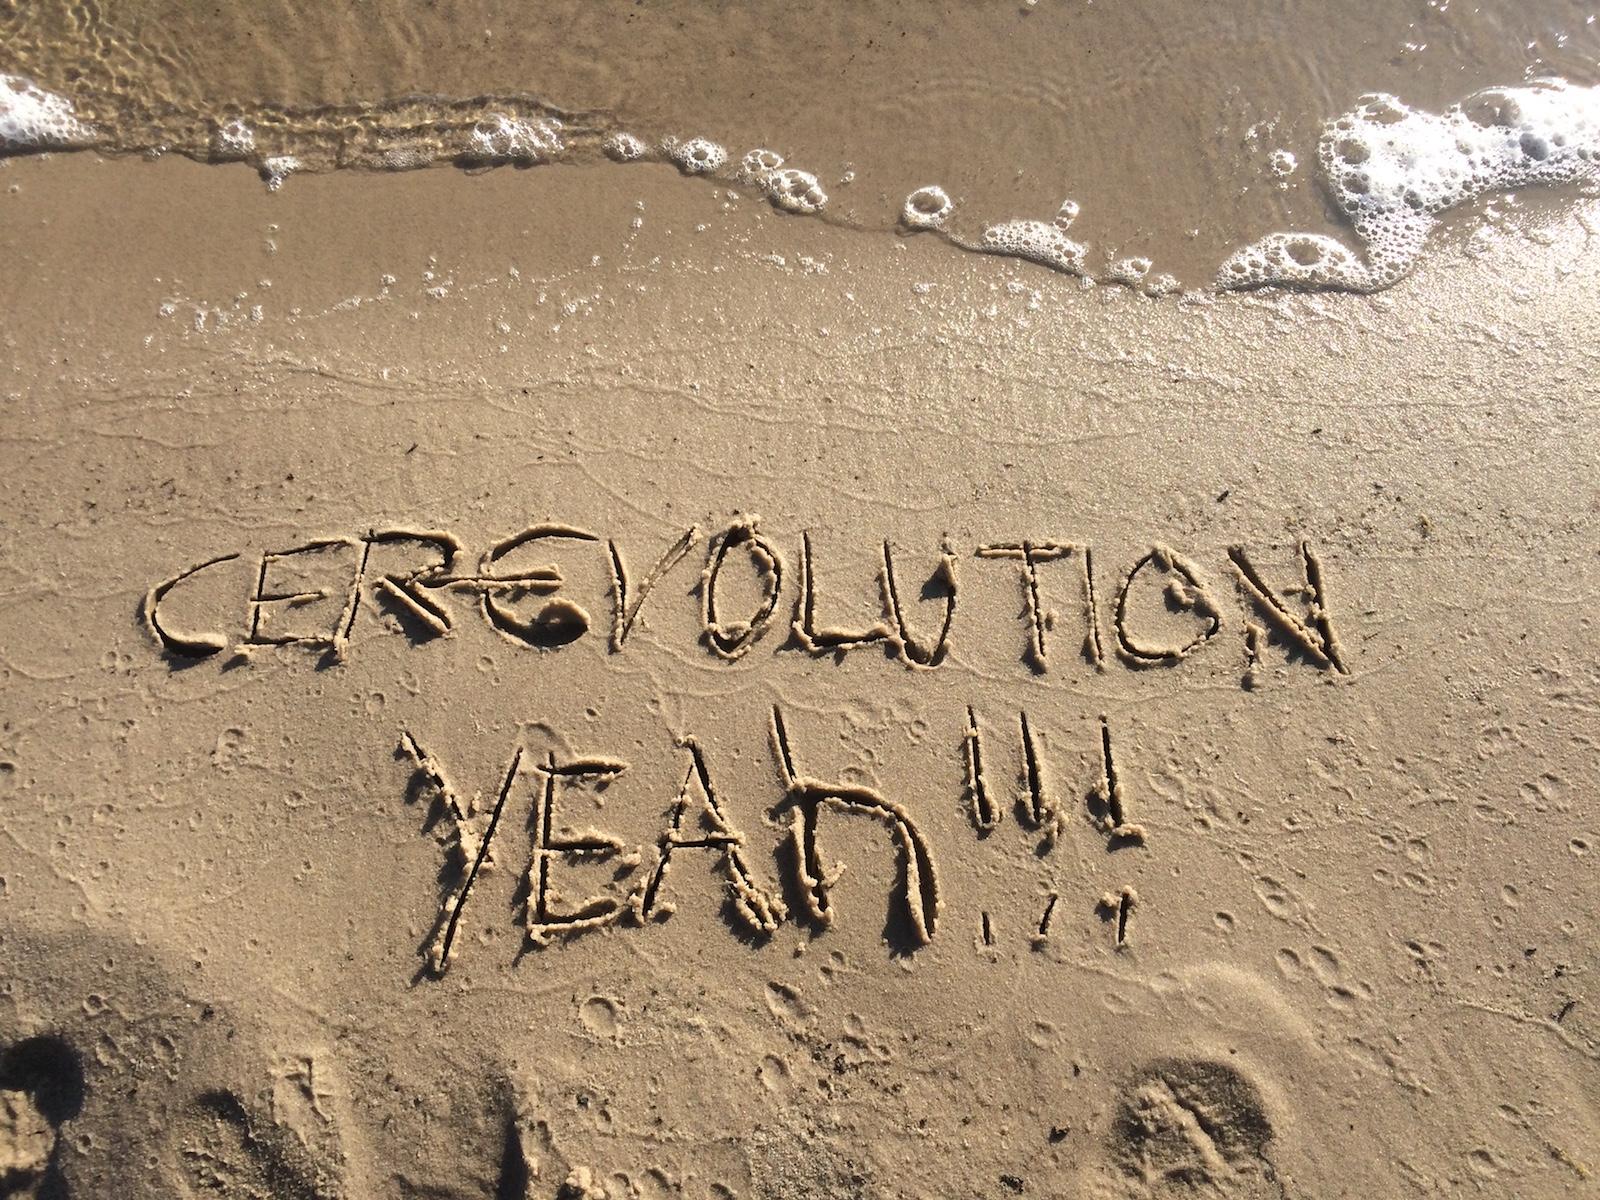 Les vacances d'été 2018 approchent pour CER EVOLUTION